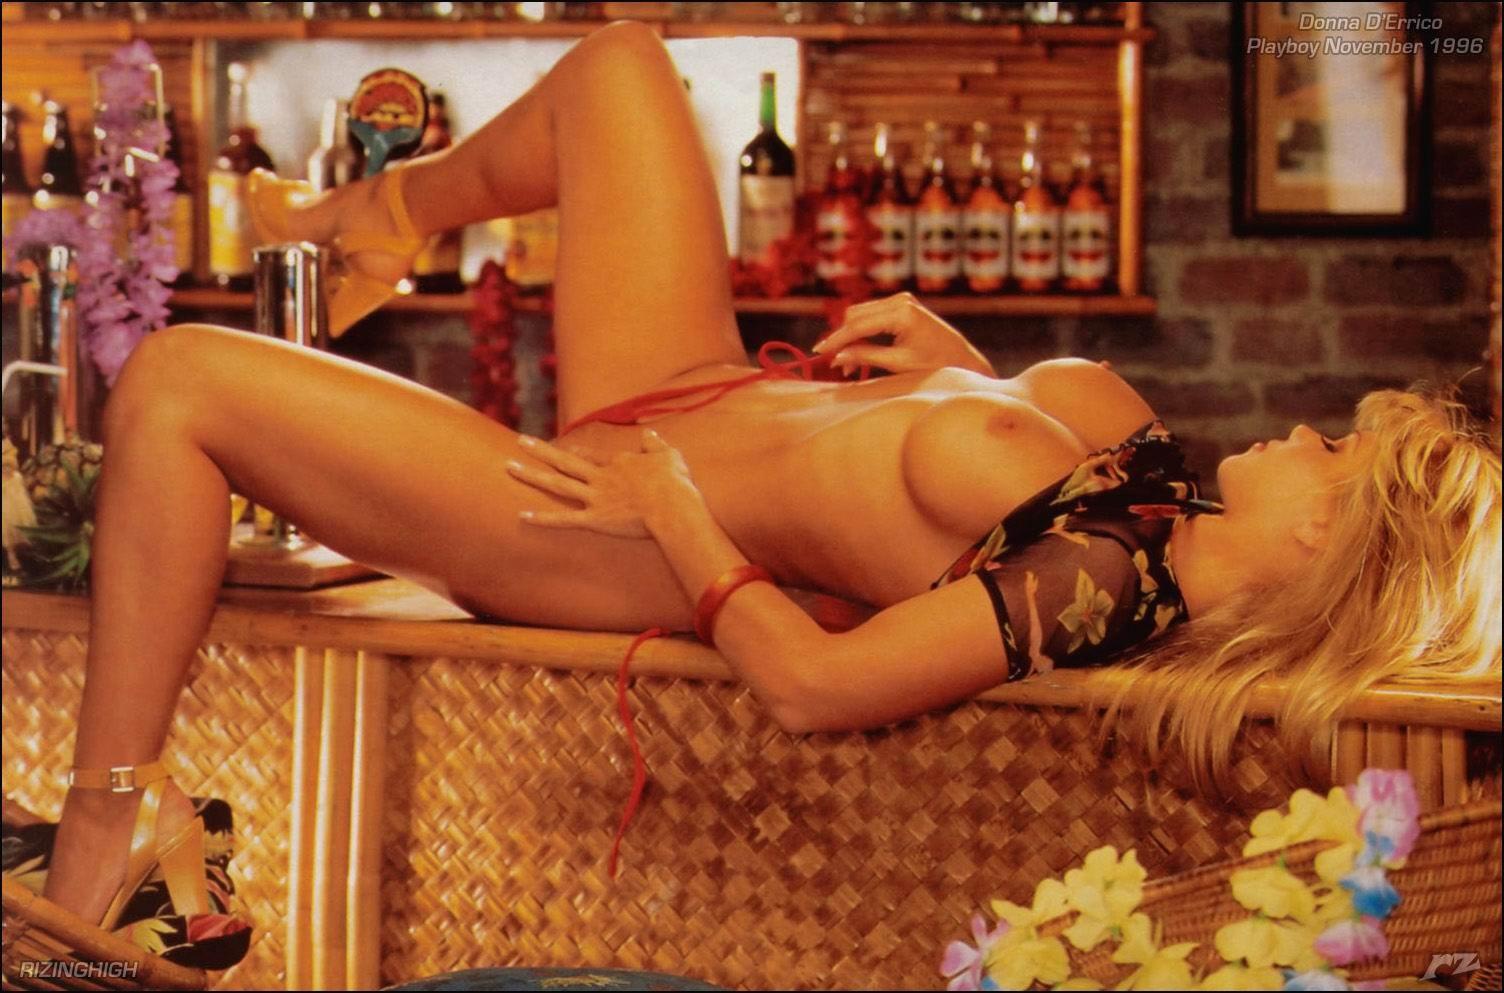 Donna D'Errico desnuda - Fotos y Vídeos - ImperiodeFamosas